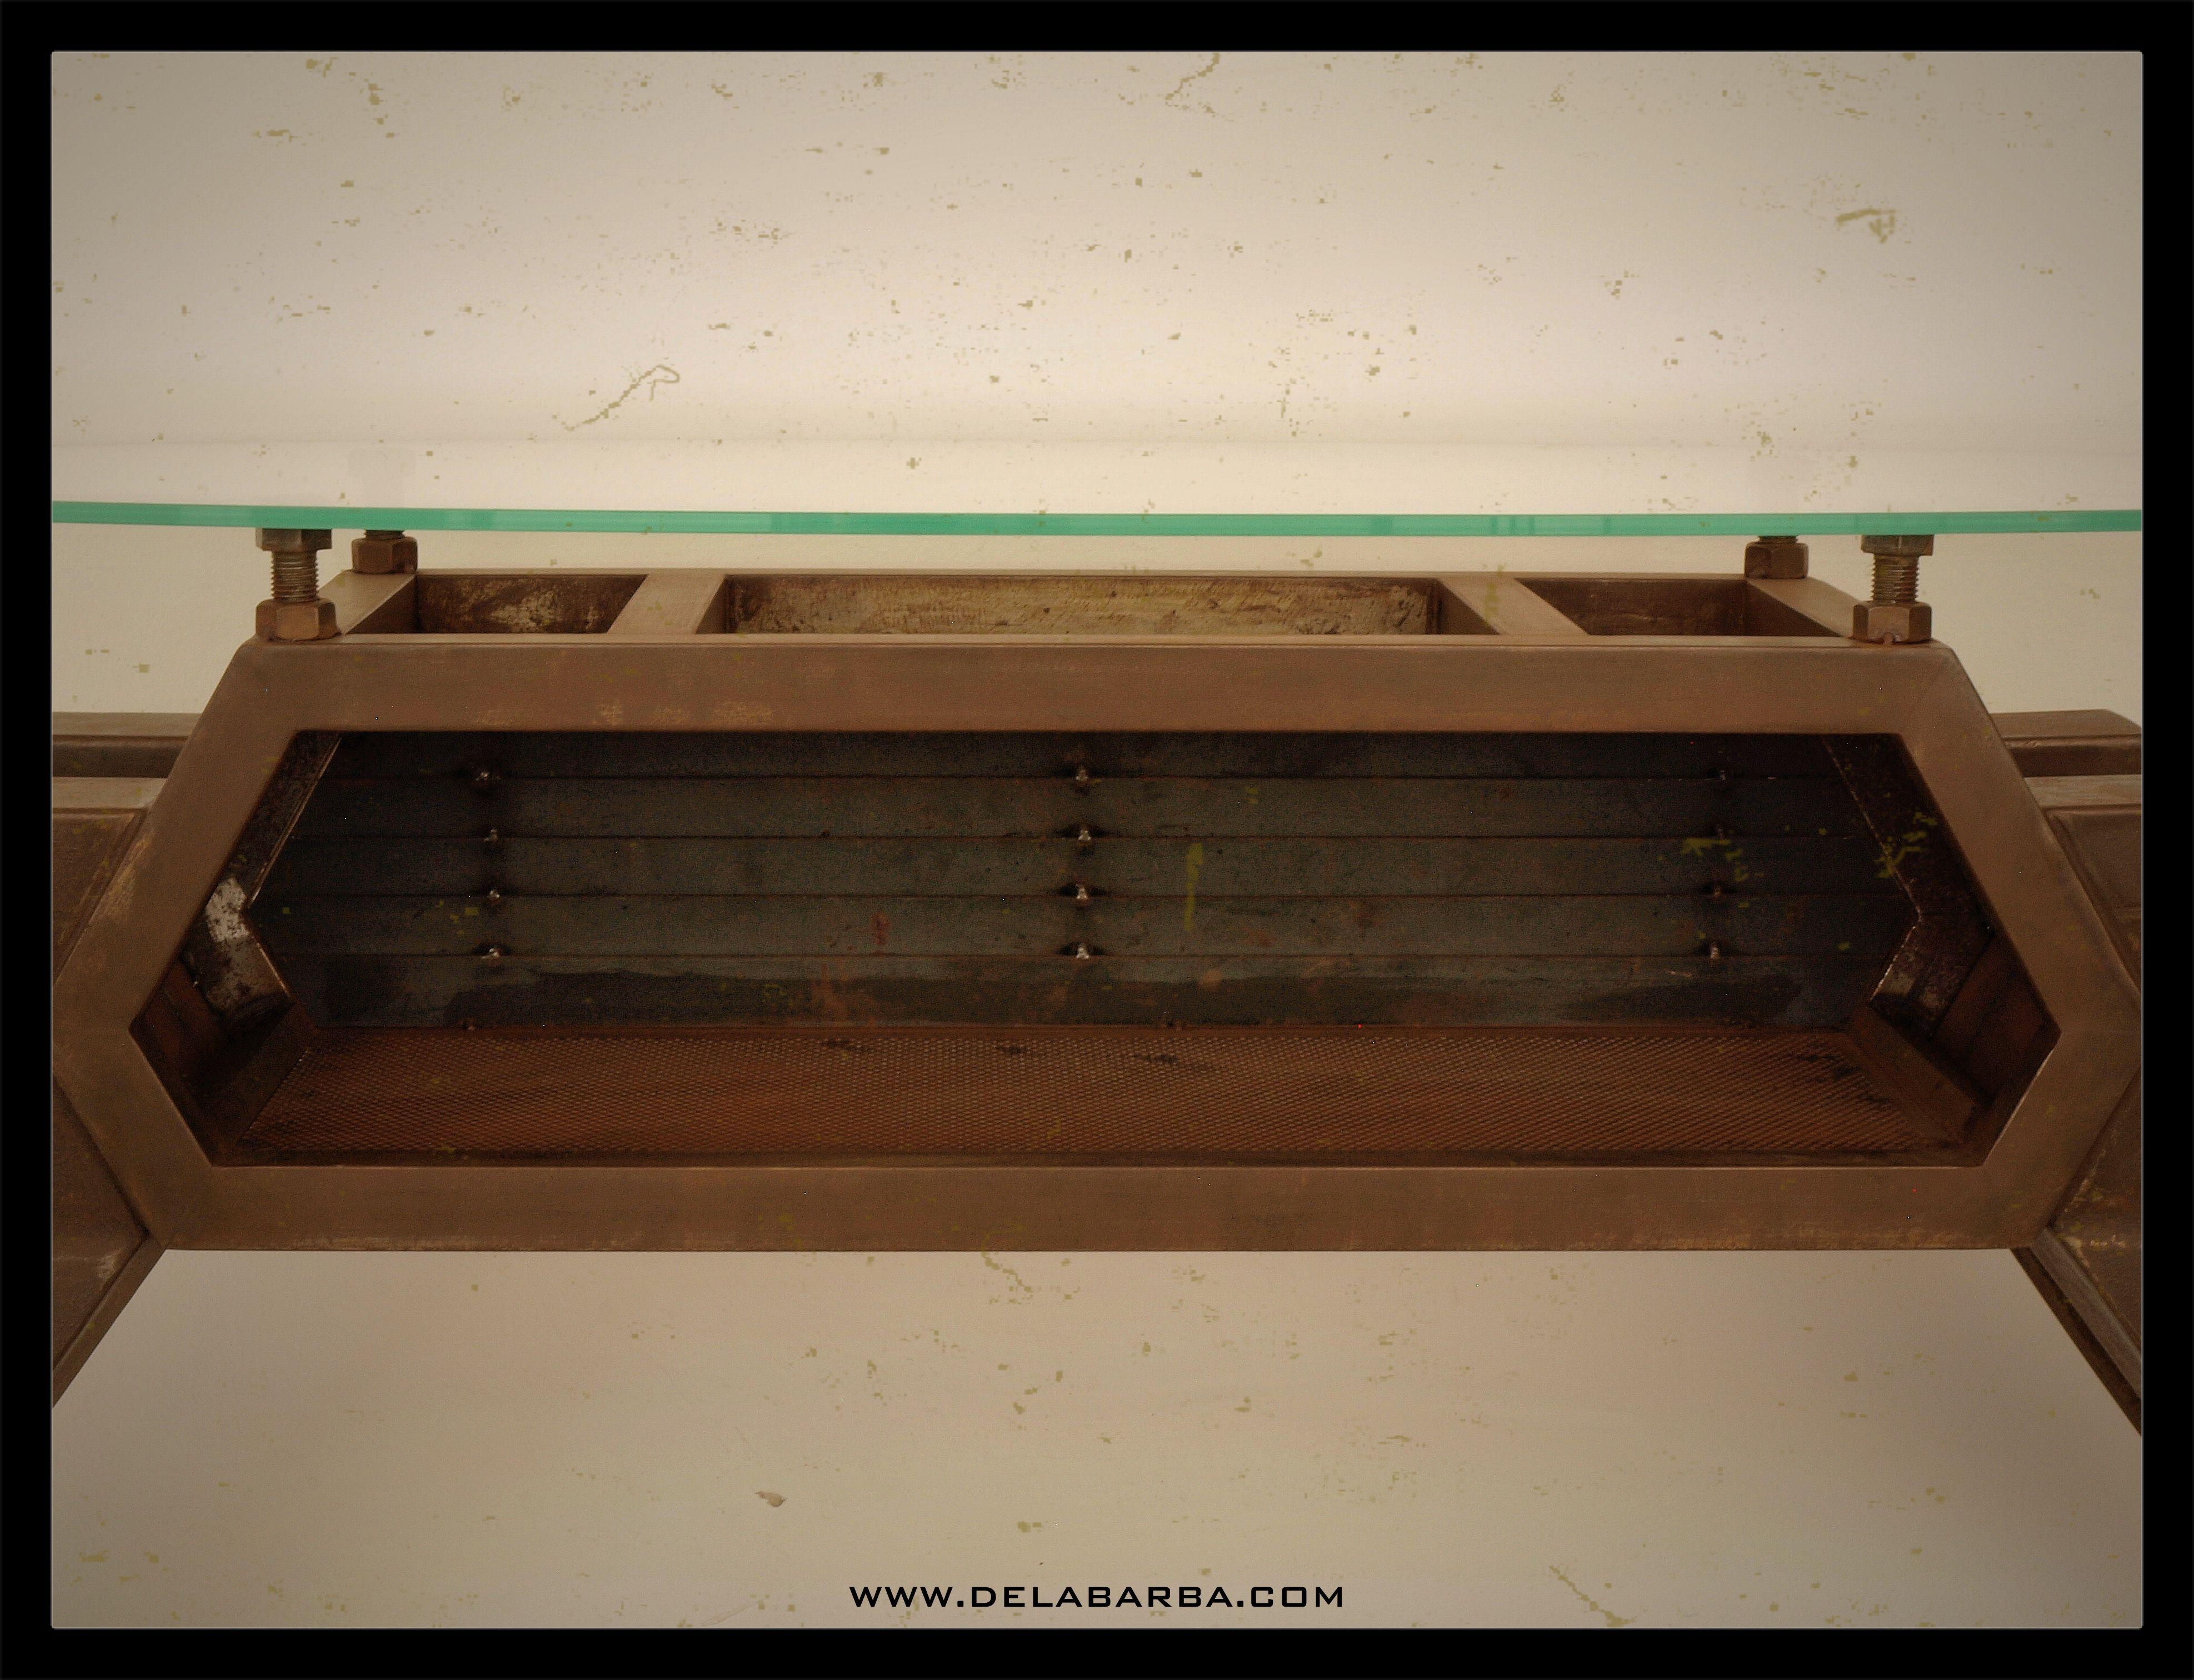 Mostrador para tienda estilo retrofuturista. Edición limitada.   #mesa #table #taburete #stool #luz light #design#lamp#steampunk#metal #metalworking#metal #mesa #soldadura #lincolnelectric #metalart #welding #weldingart #metaltable #industrialart #metalforniture #recycledart #bcn #mataró #delabarba #dibujo #boceto #taller #decoración #deco #diseño #design #designing  #trabajo #hardworking  #creativity #creativityfound #creatividad #creatividadalpoder